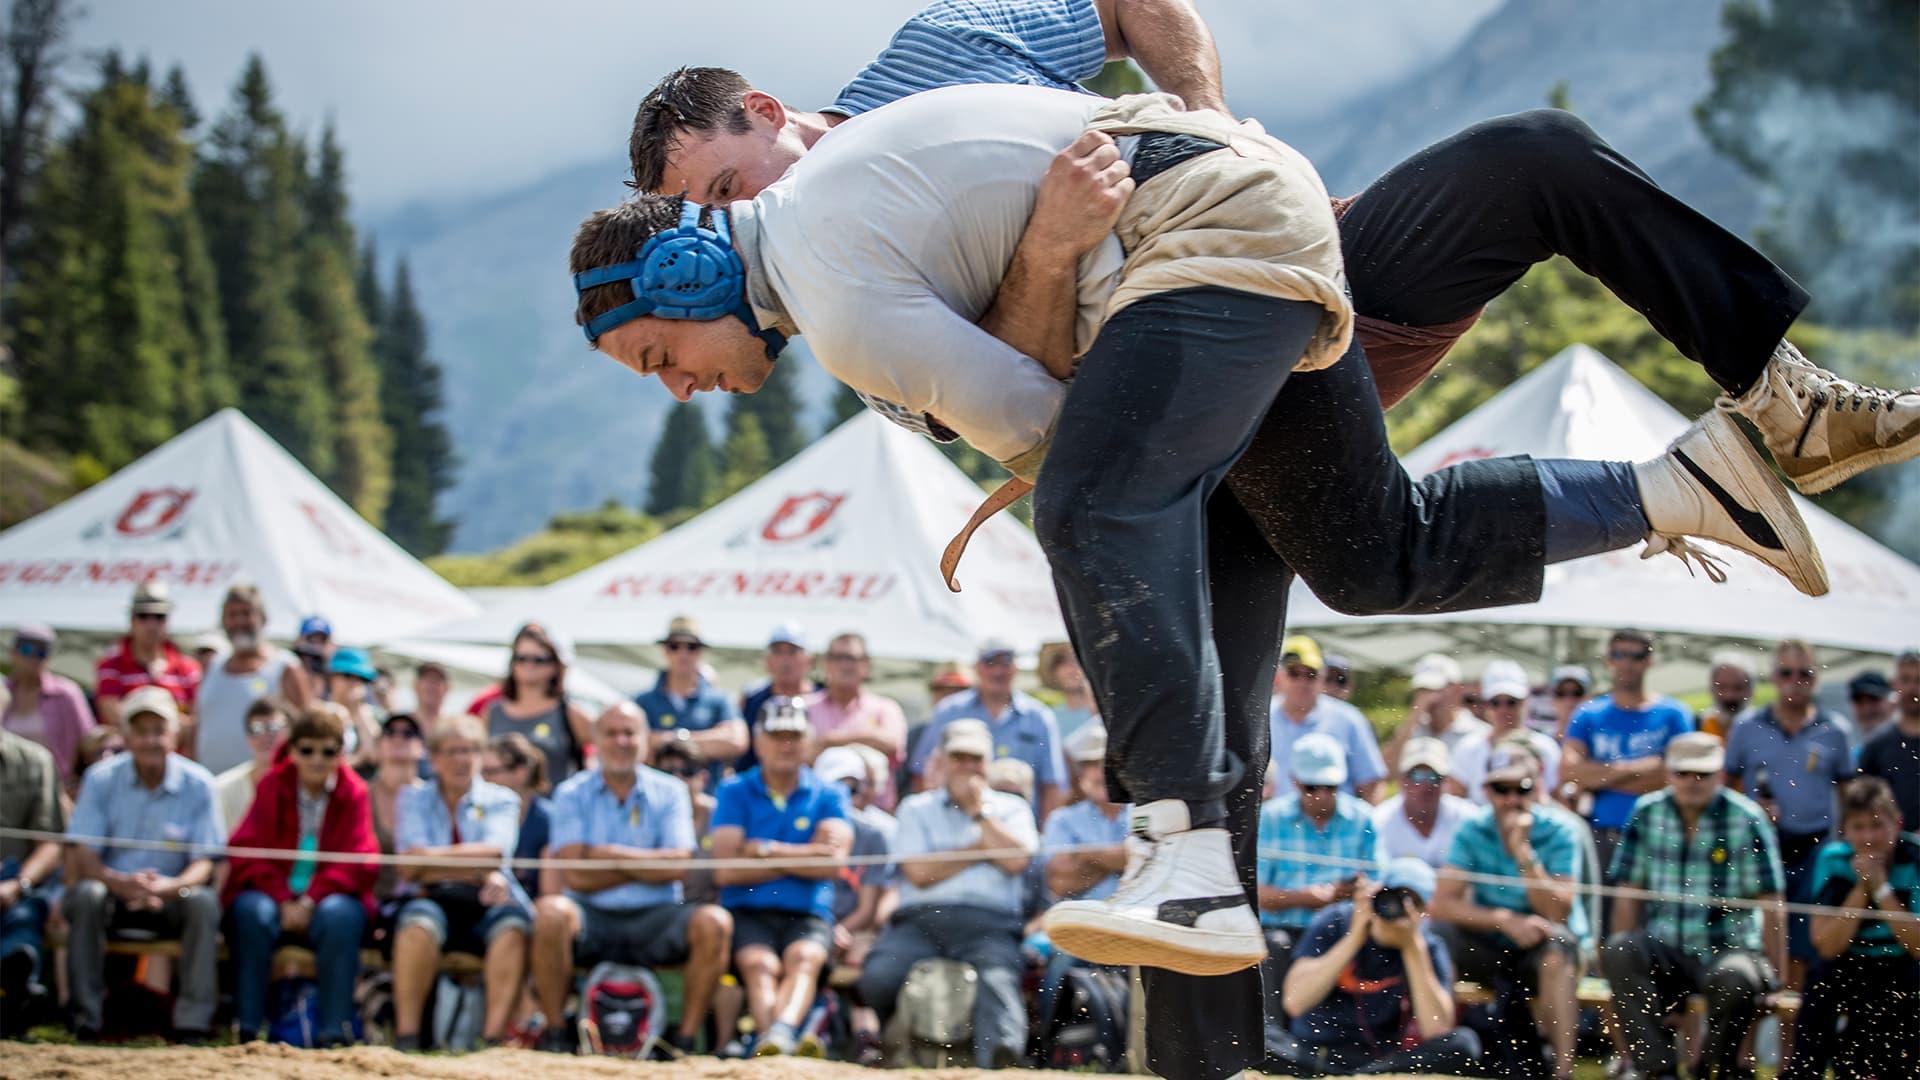 Schwingfest Engstlenalp Schwingen by Divid Birri